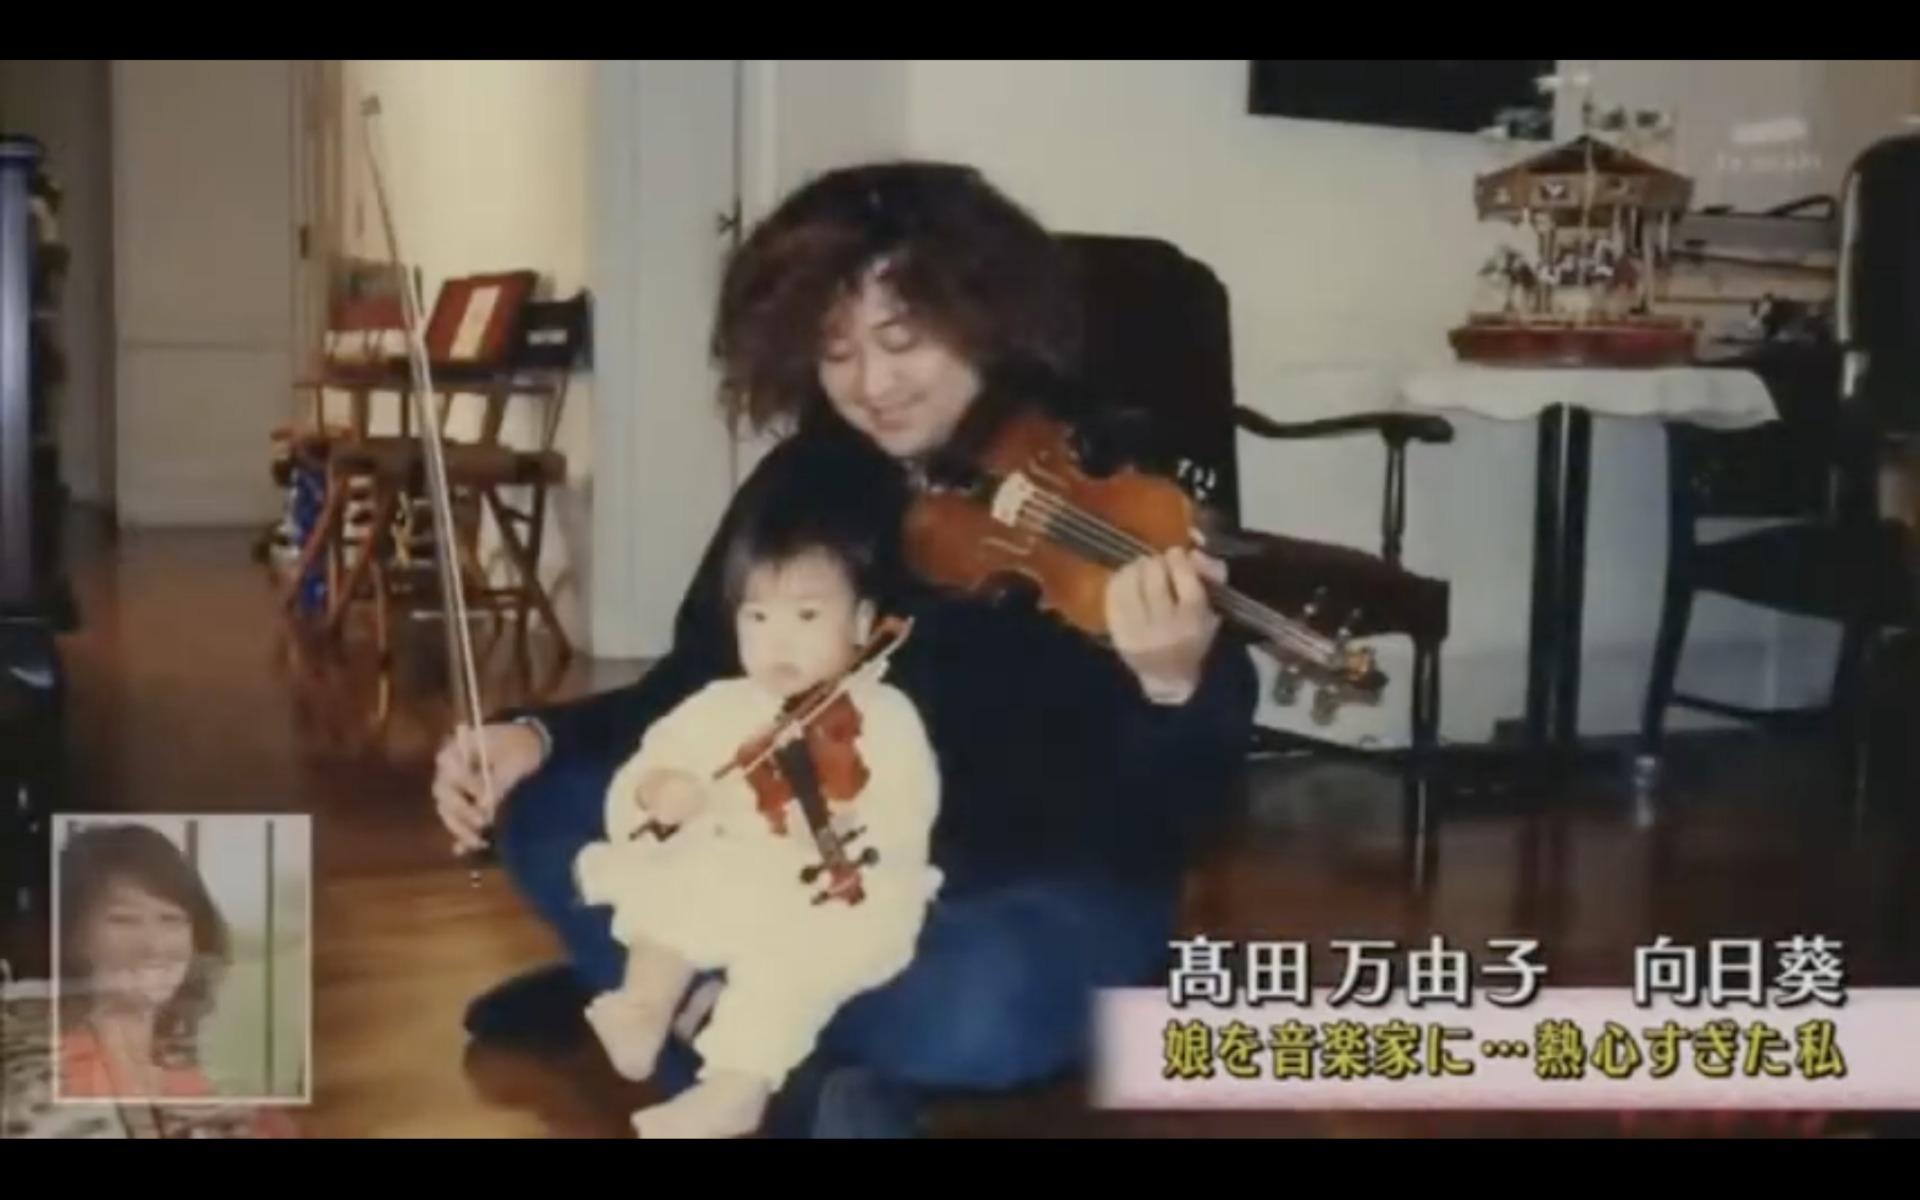 葉加瀬太郎さんと向日葵さんの画像